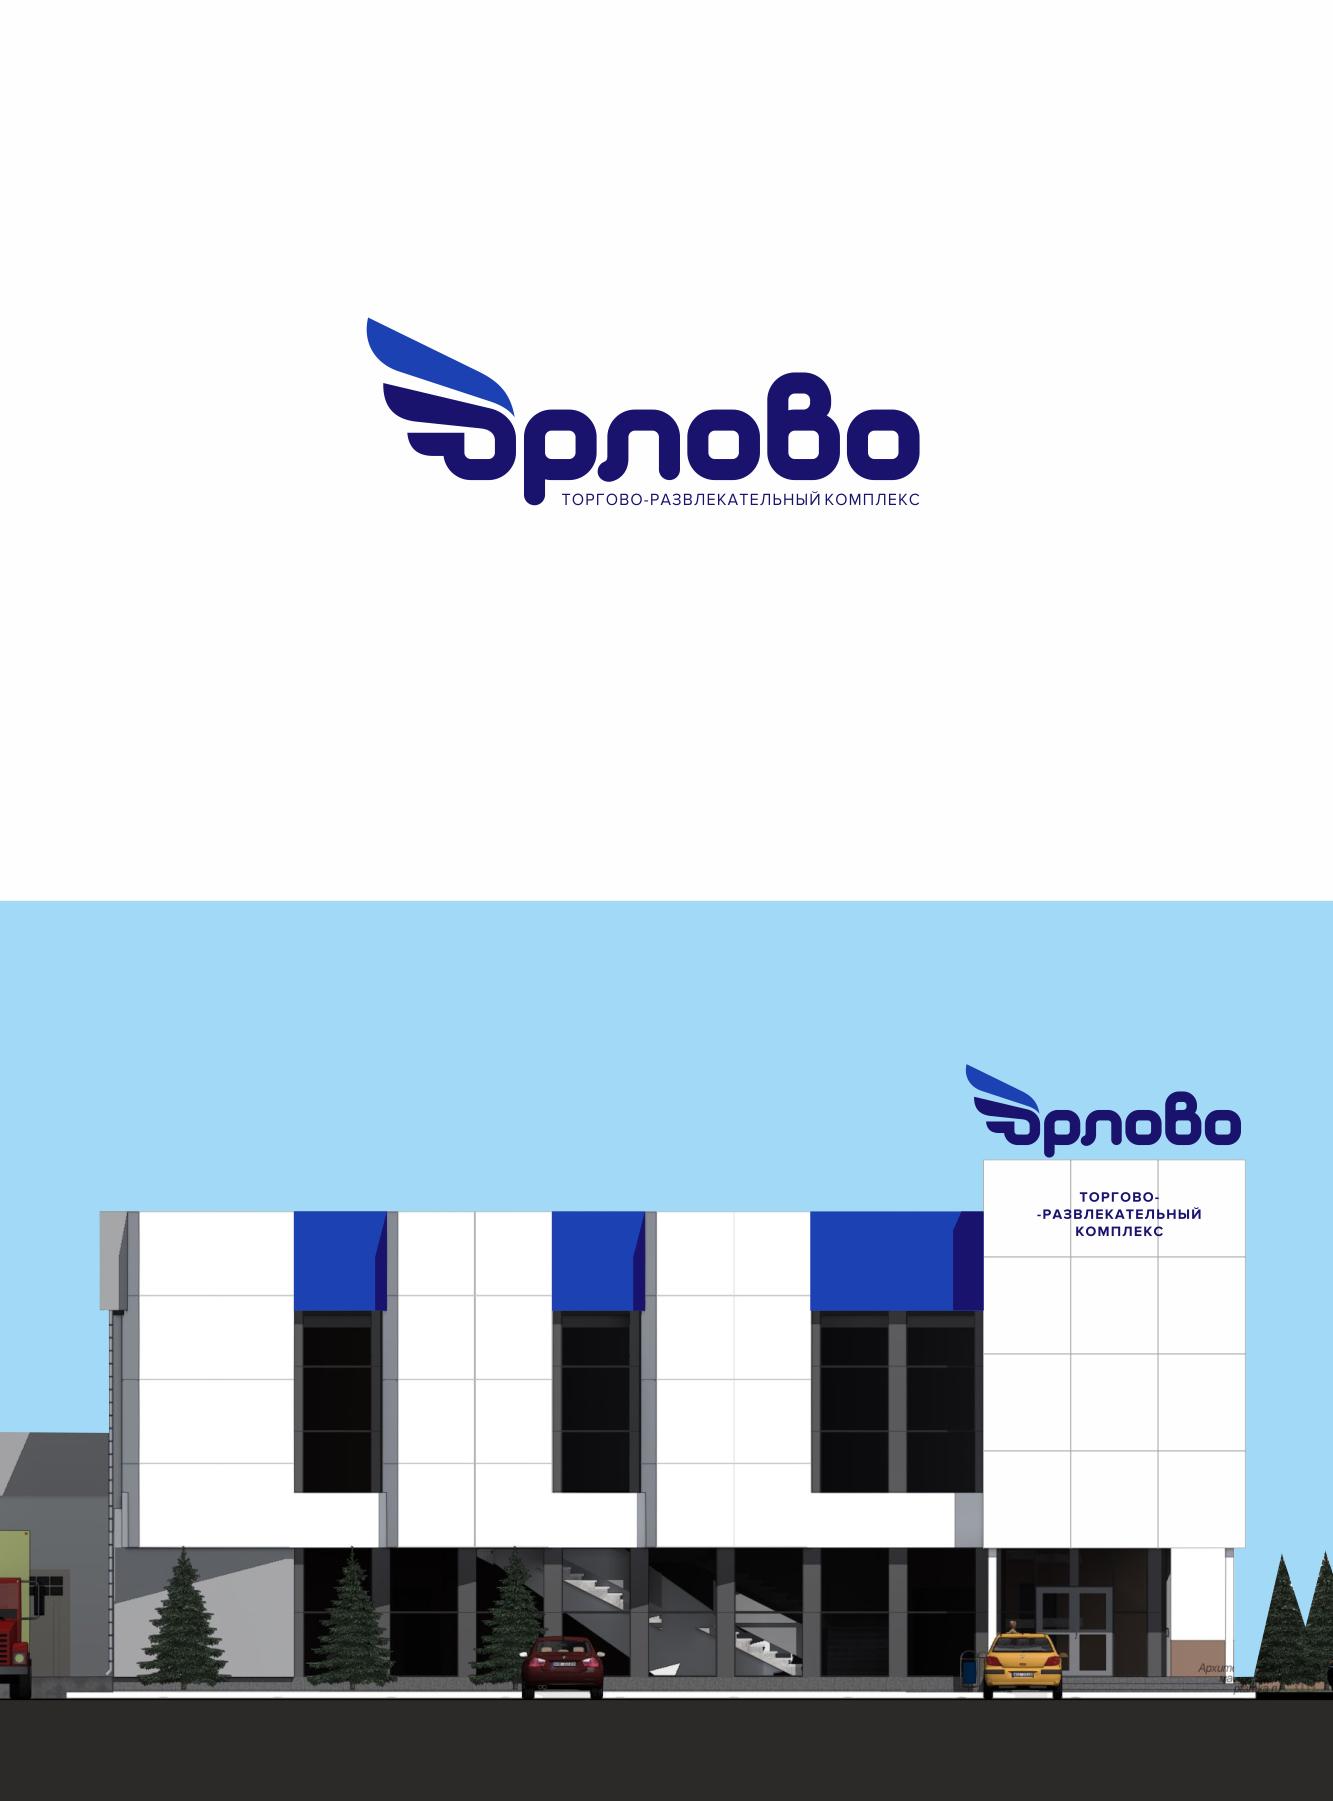 Разработка логотипа для Торгово-развлекательного комплекса фото f_8065969aefaac408.png